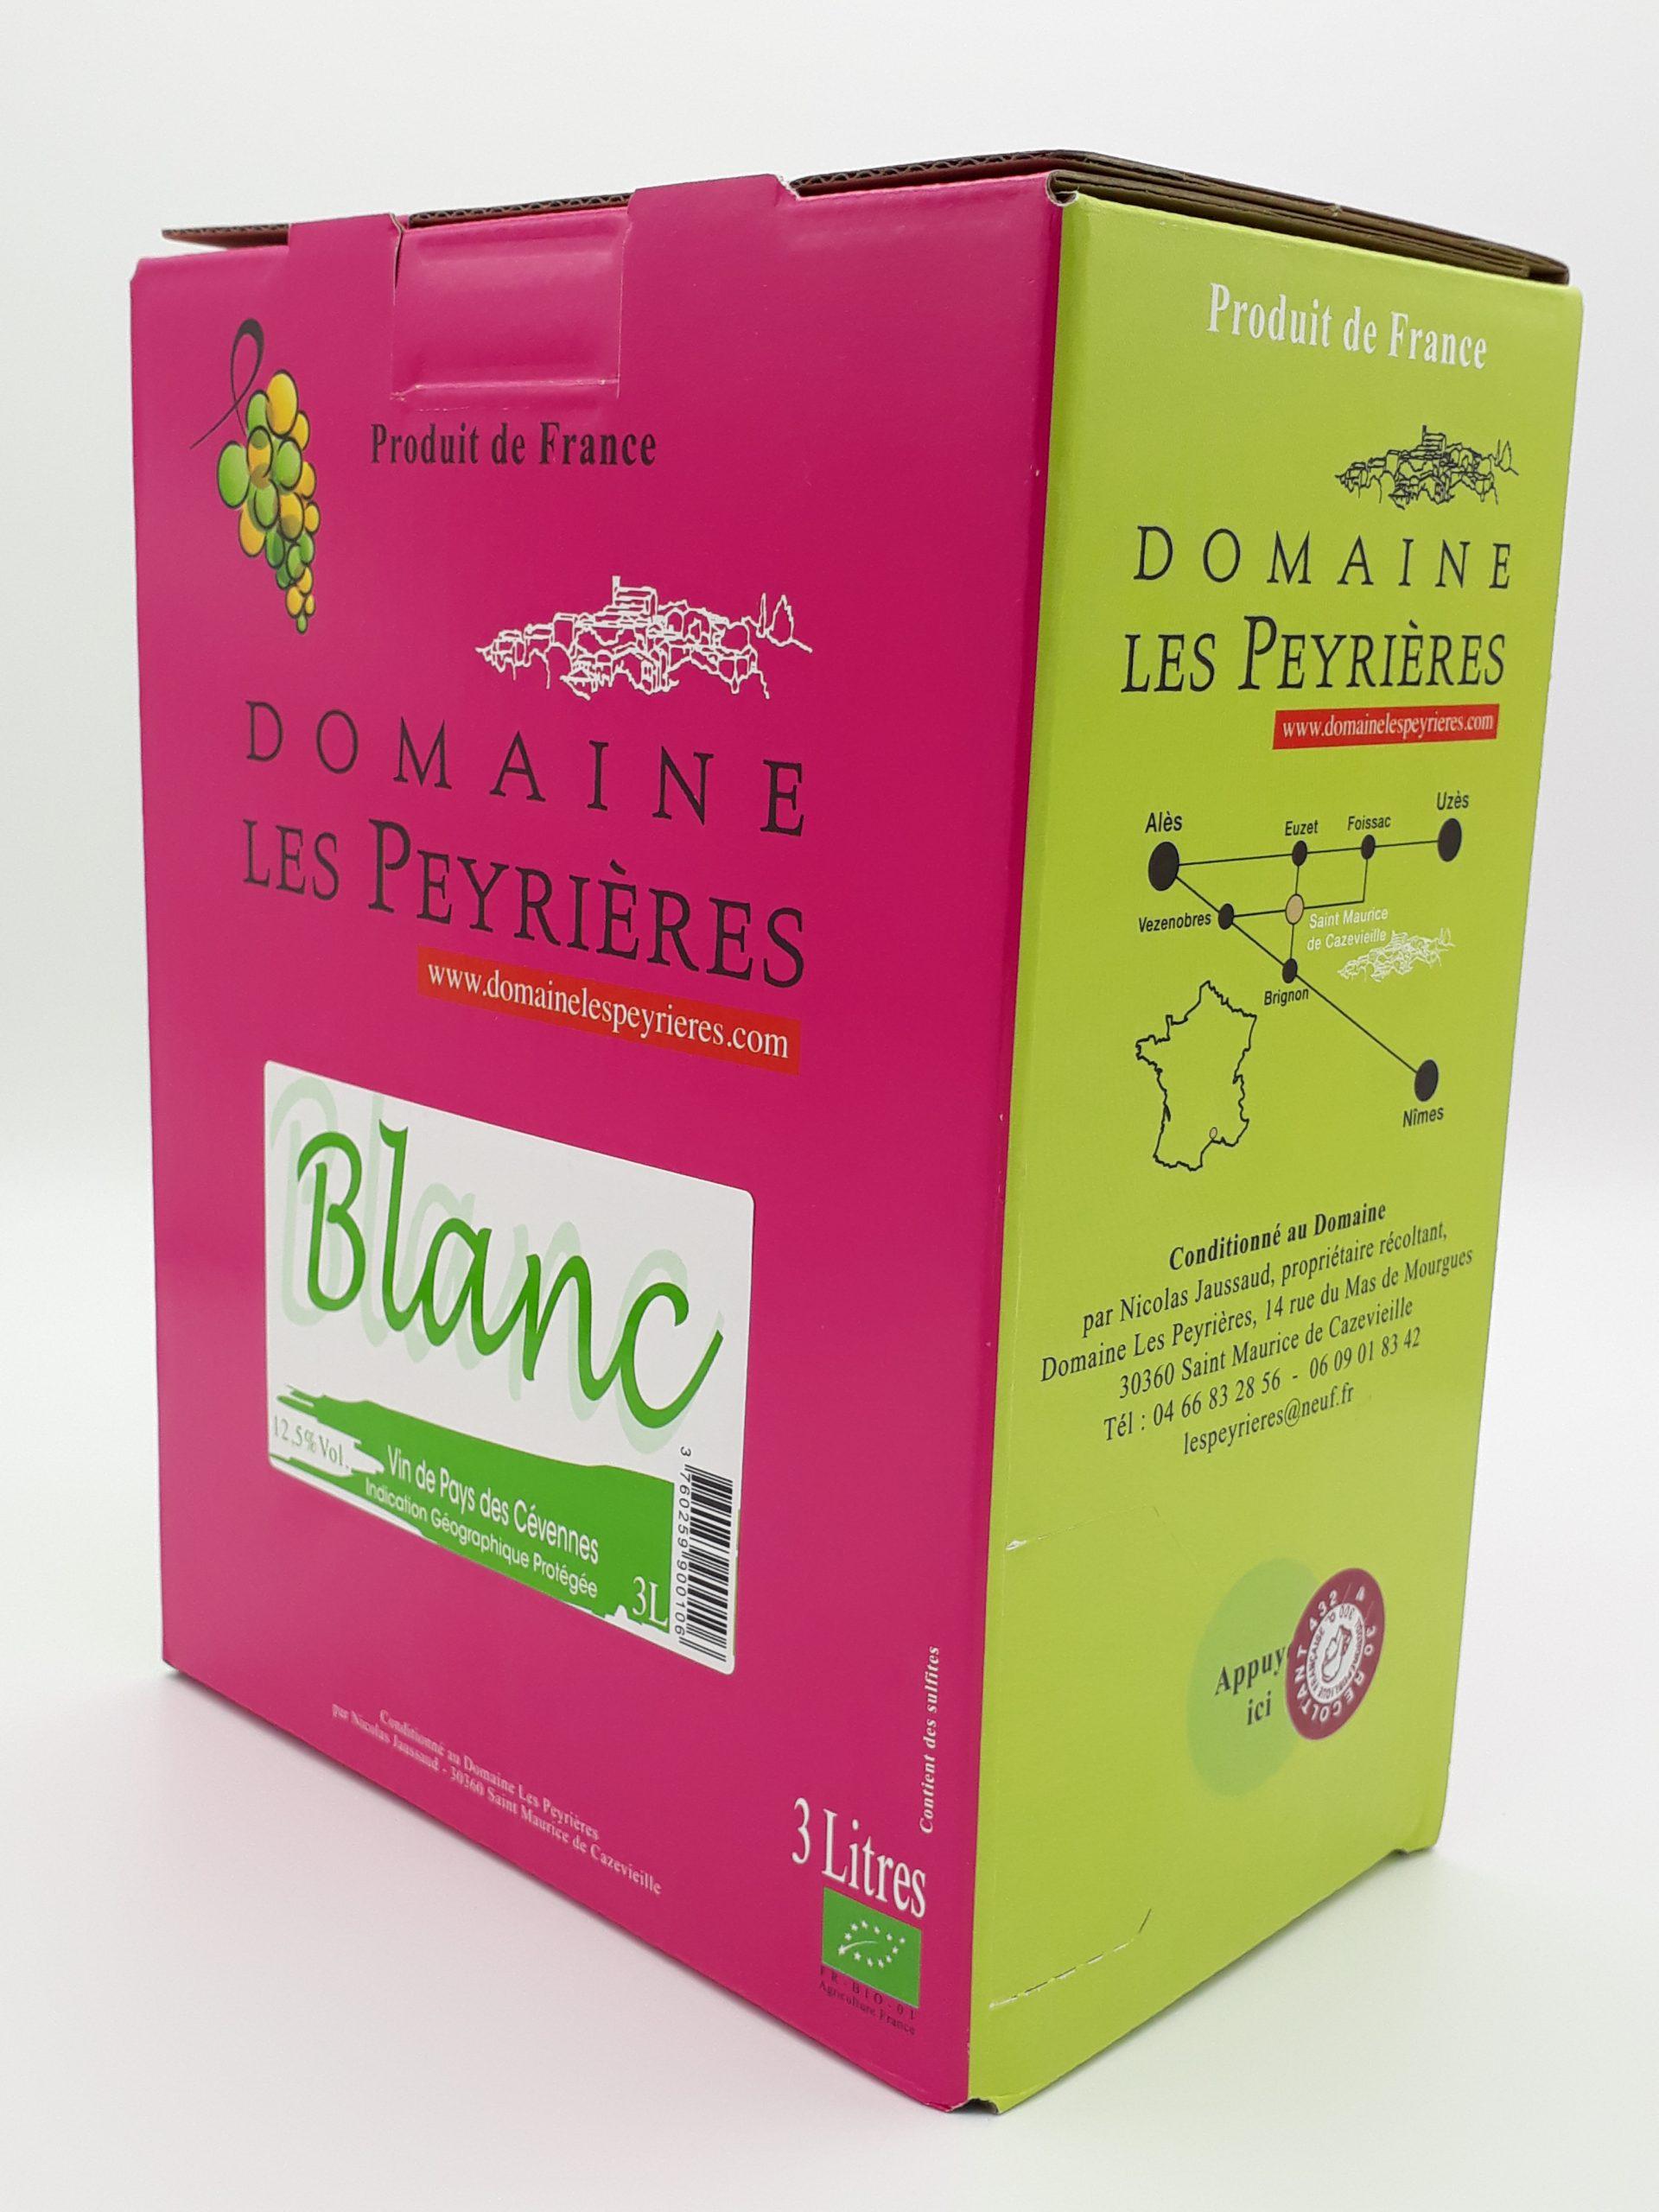 vin-pays-cevennes-blanc-2019-baginbox-3litres-02